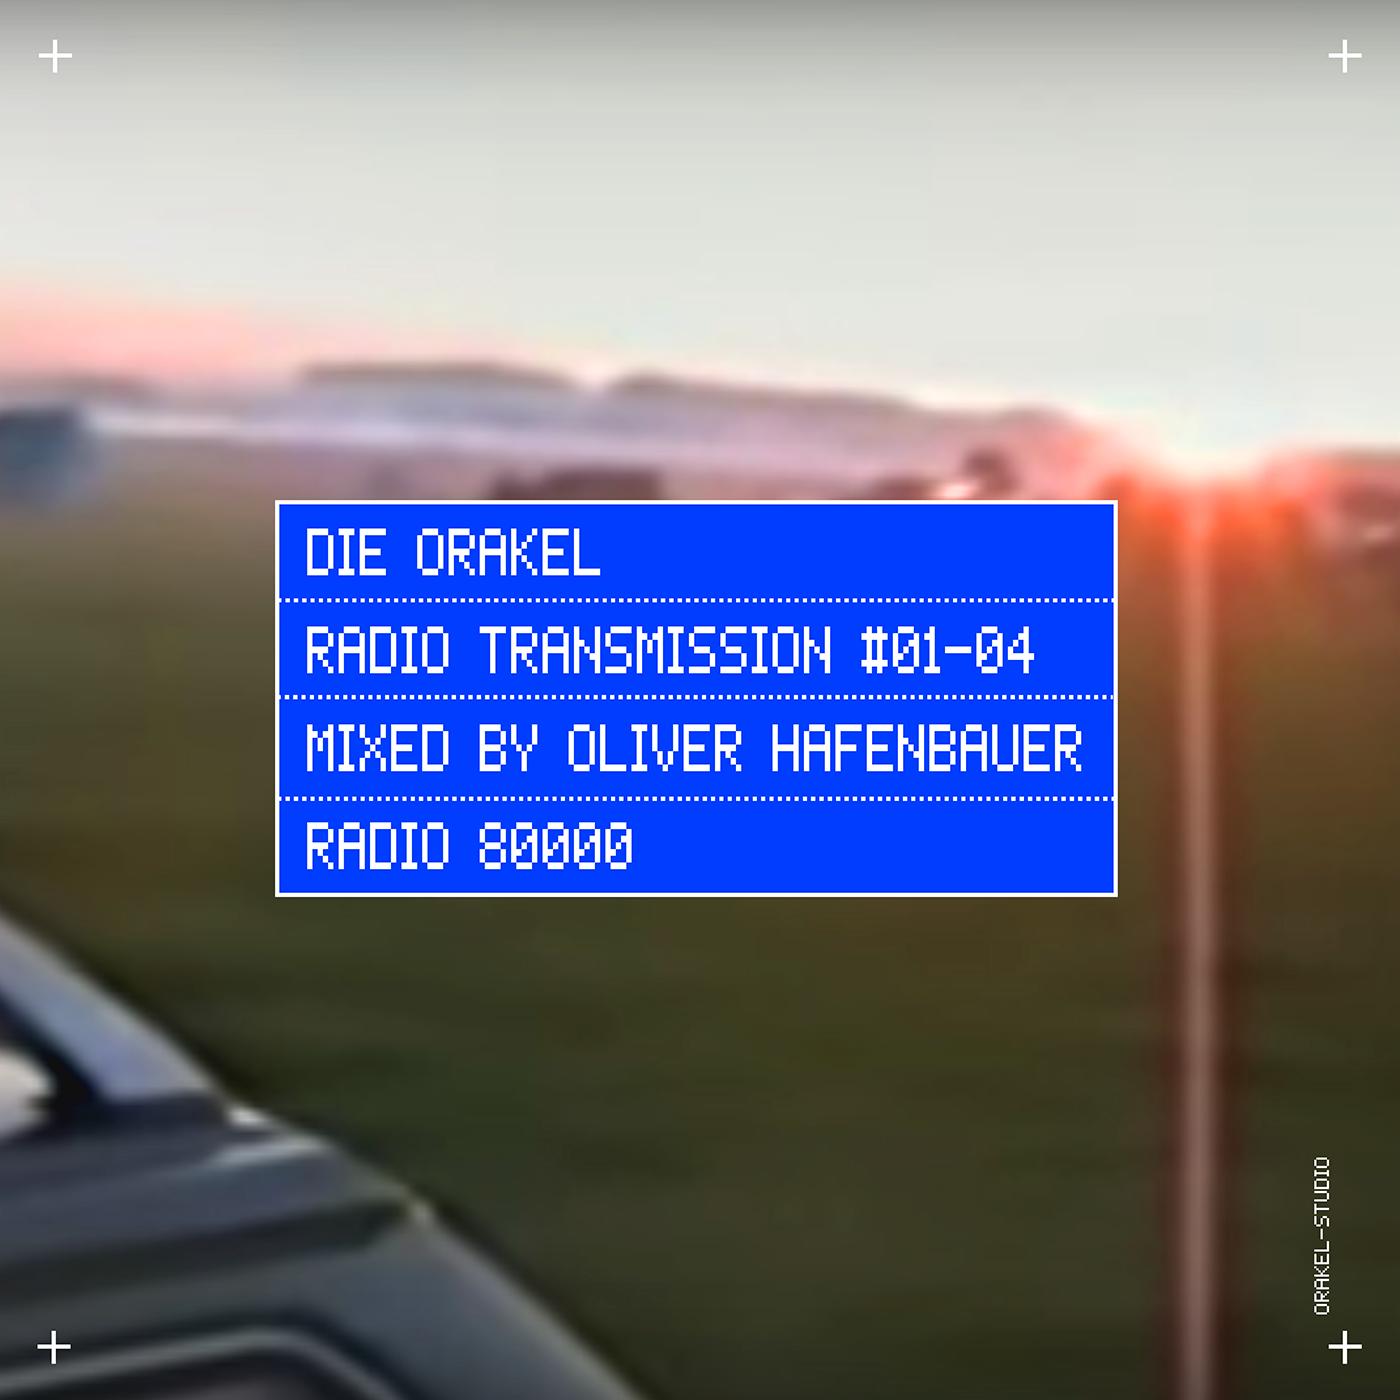 Die Orakel Soundcloud: Die Orakel Radio Transmission #01–04 Link Thumbnail   Linktree